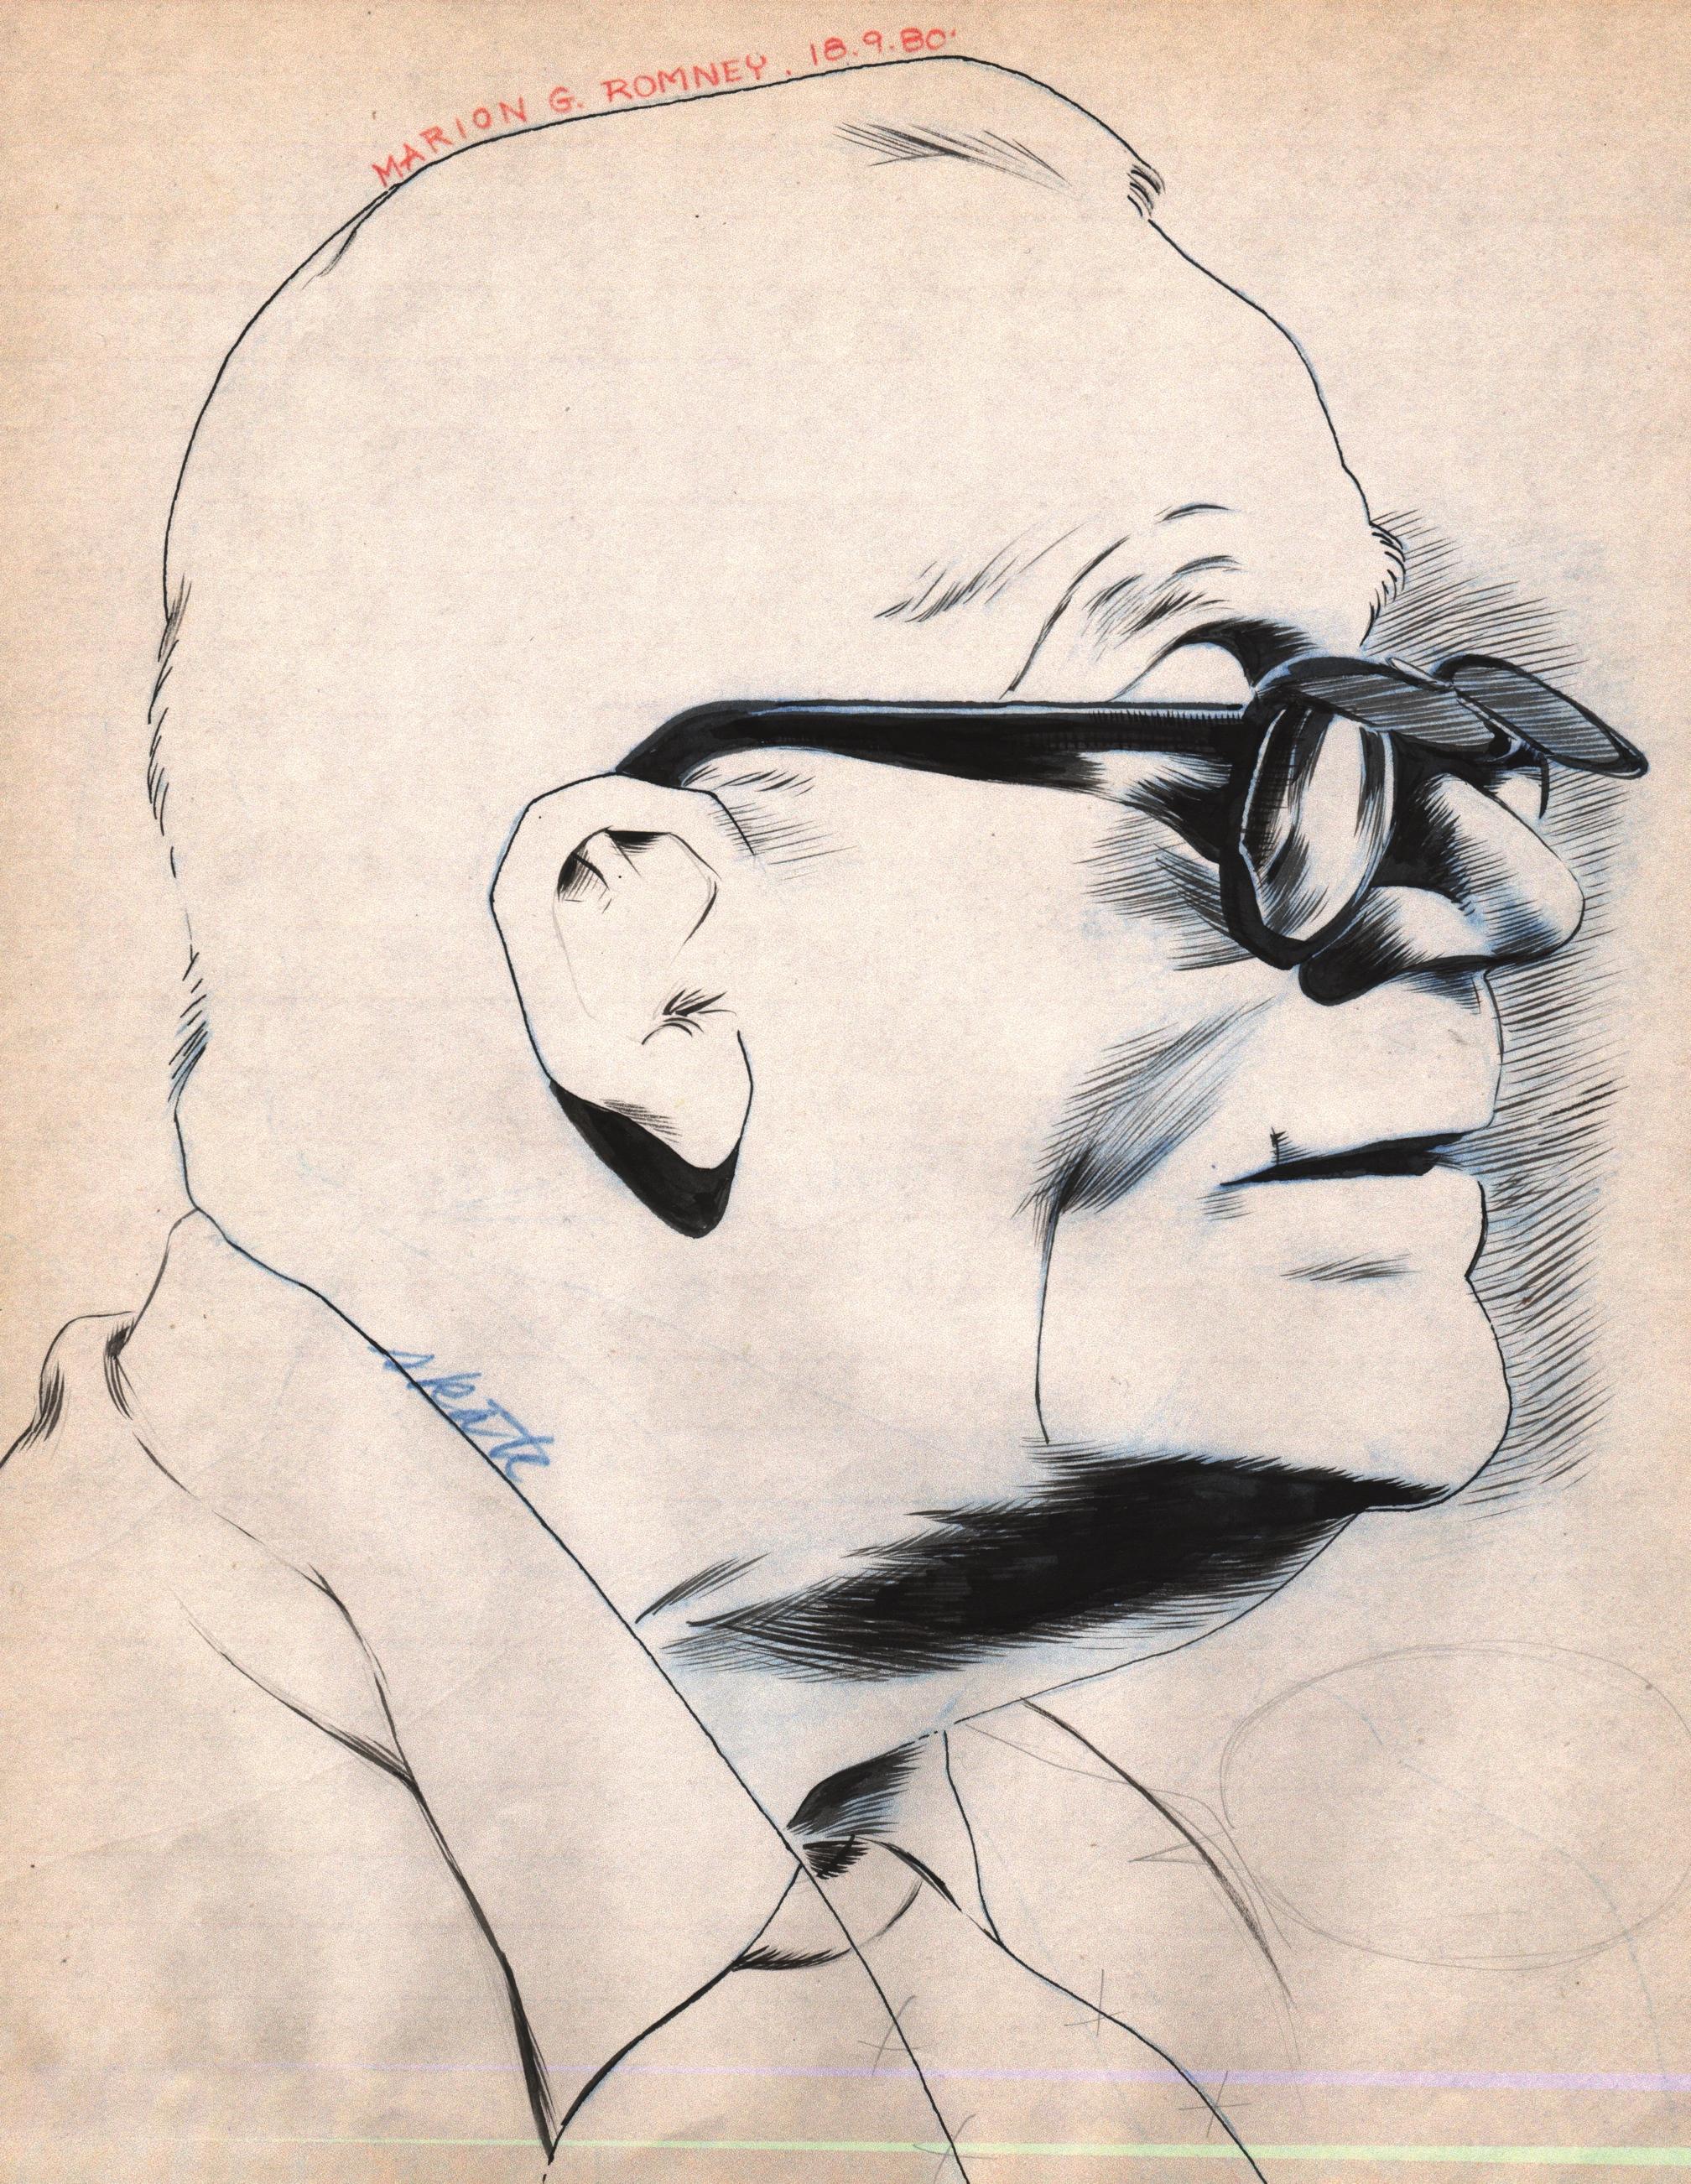 marion g. romney inked.jpg